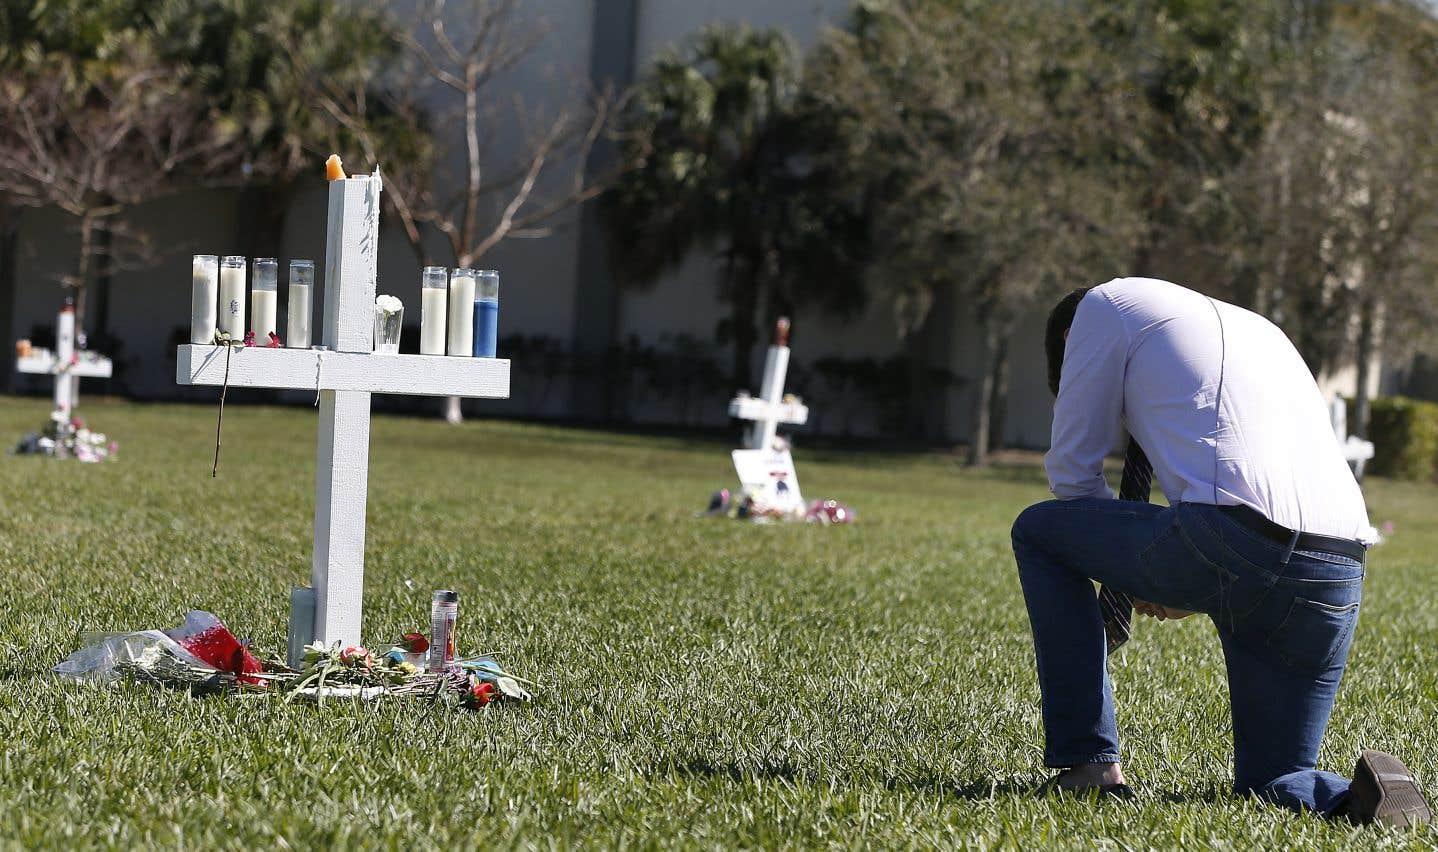 Un homme se recueille devant un mémorial à la mémoire des victimes de la fusillade de l'école Marjory Stoneman Douglas.